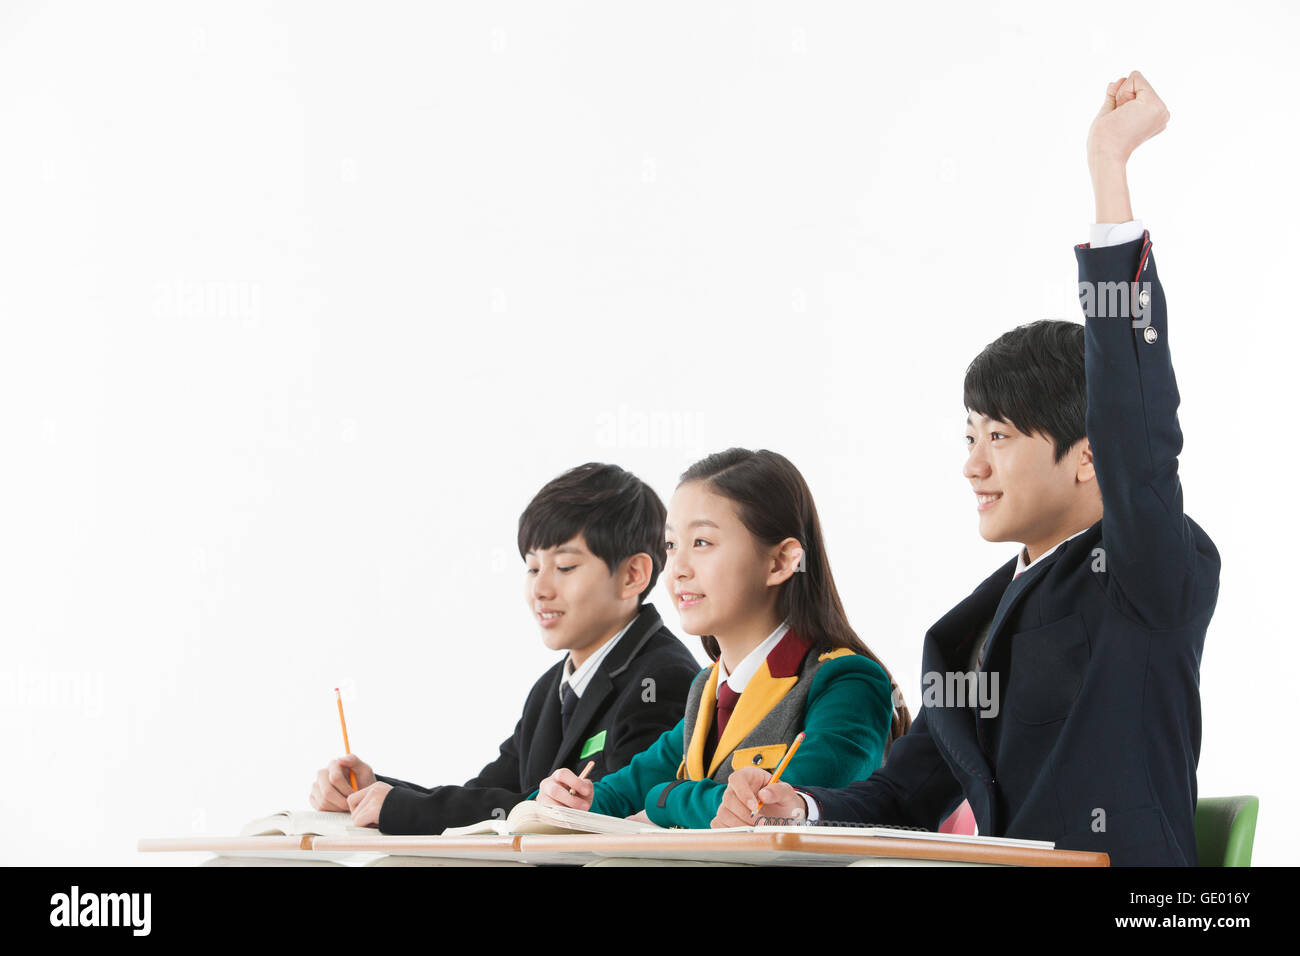 Vista lateral de la escuela retrato joven levantando su mano y sus amigos Imagen De Stock